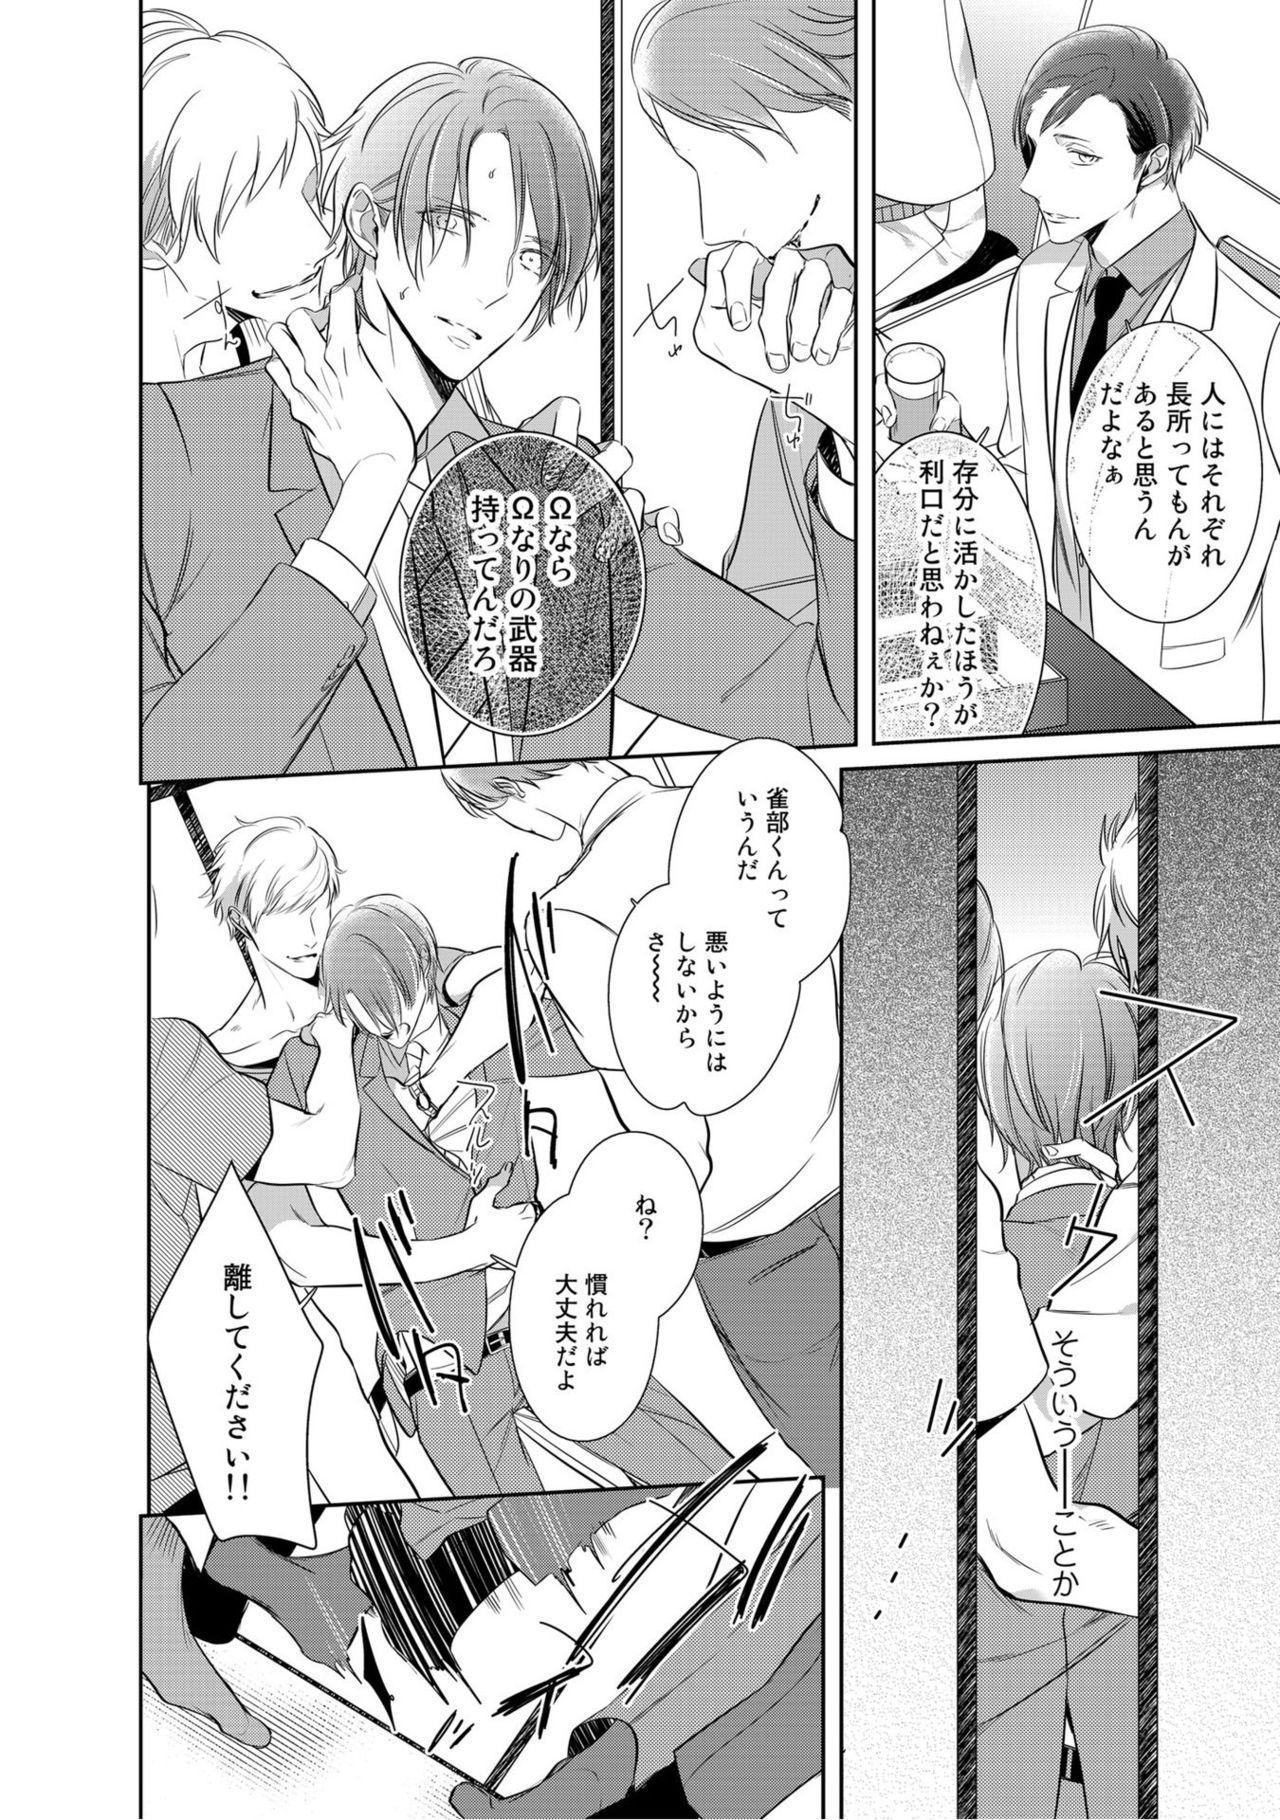 Kurui Naku no wa Boku no Ban ~ vol.2 133